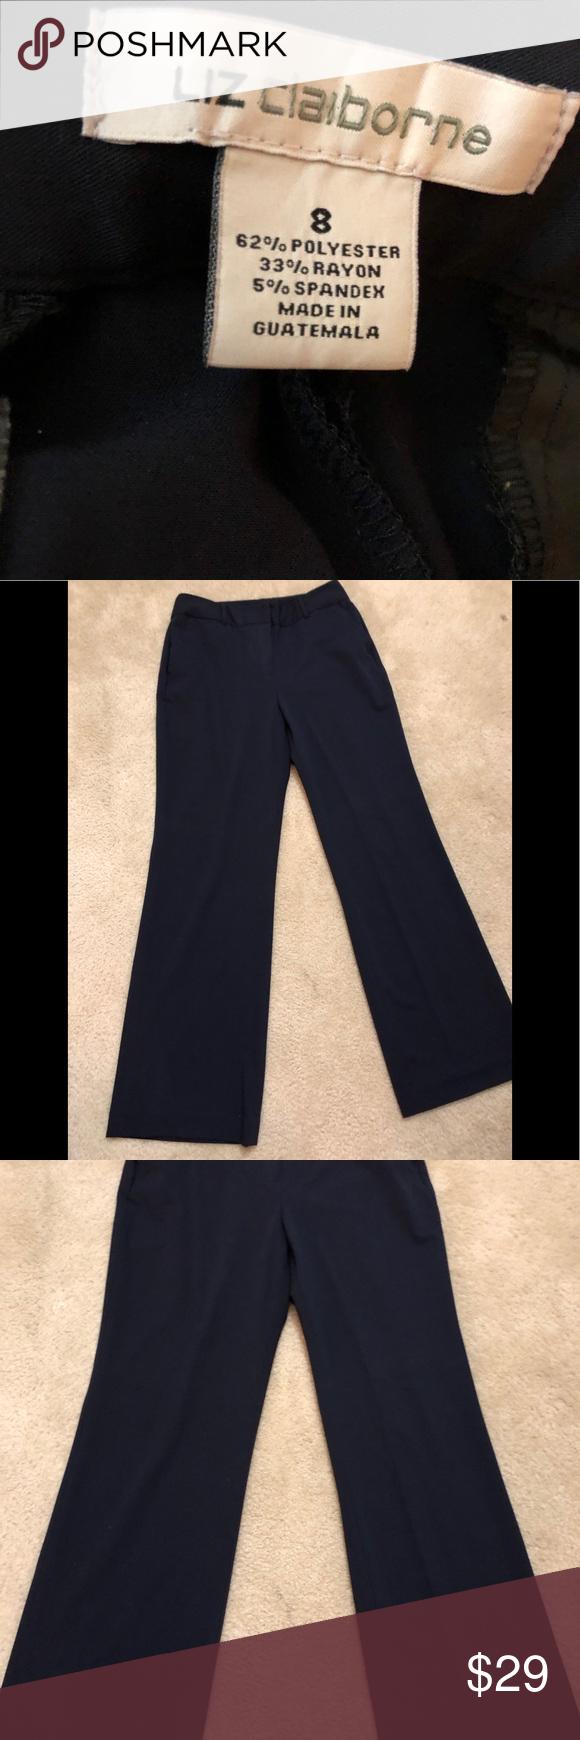 78d87f166a04e Liz Claiborne Dress Slacks EUC Liz Claiborne Dress Slacks Navy Blue, Size 8  Pants Trousers